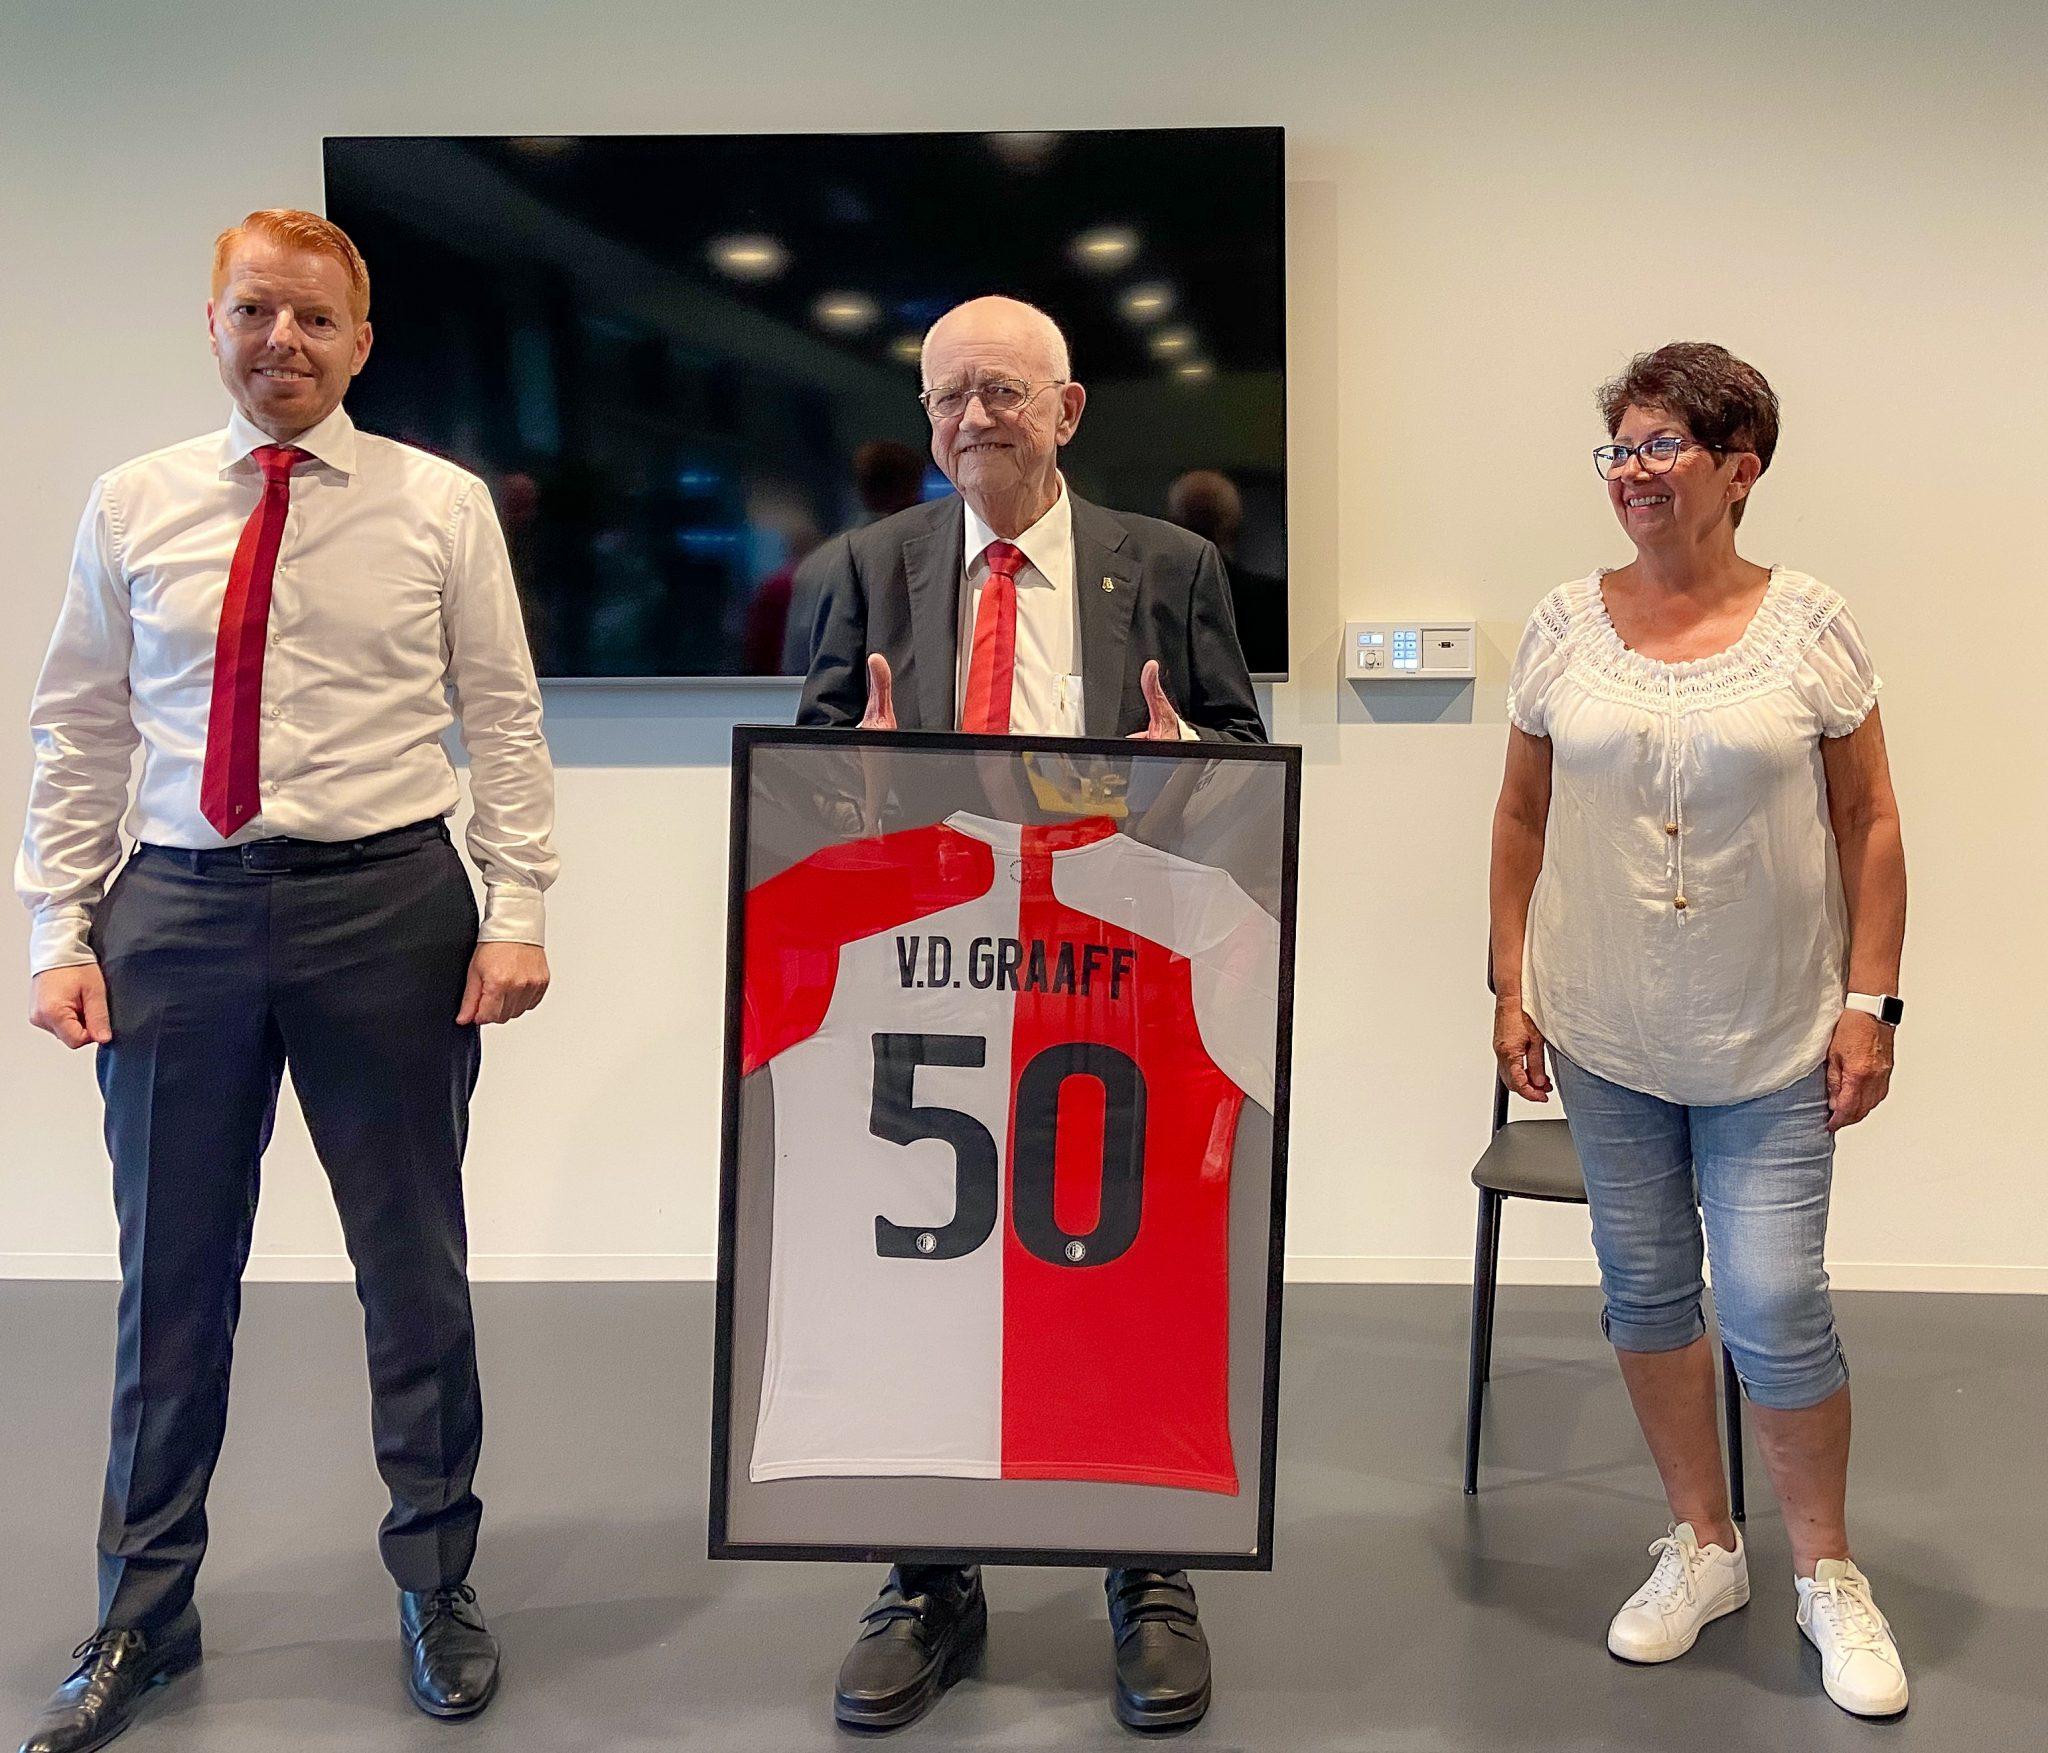 Herman van der Graaff 50 jaar vrijwilliger